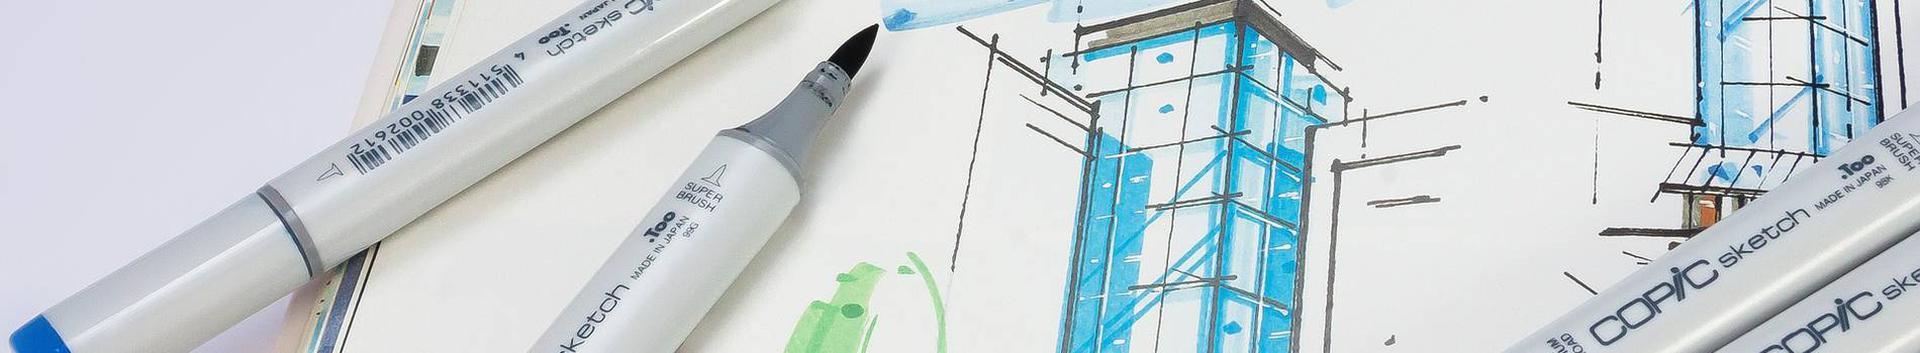 arhitektibürood, arhitektuuribürood, ehitus, Muinsuskaitse, projekteerimine